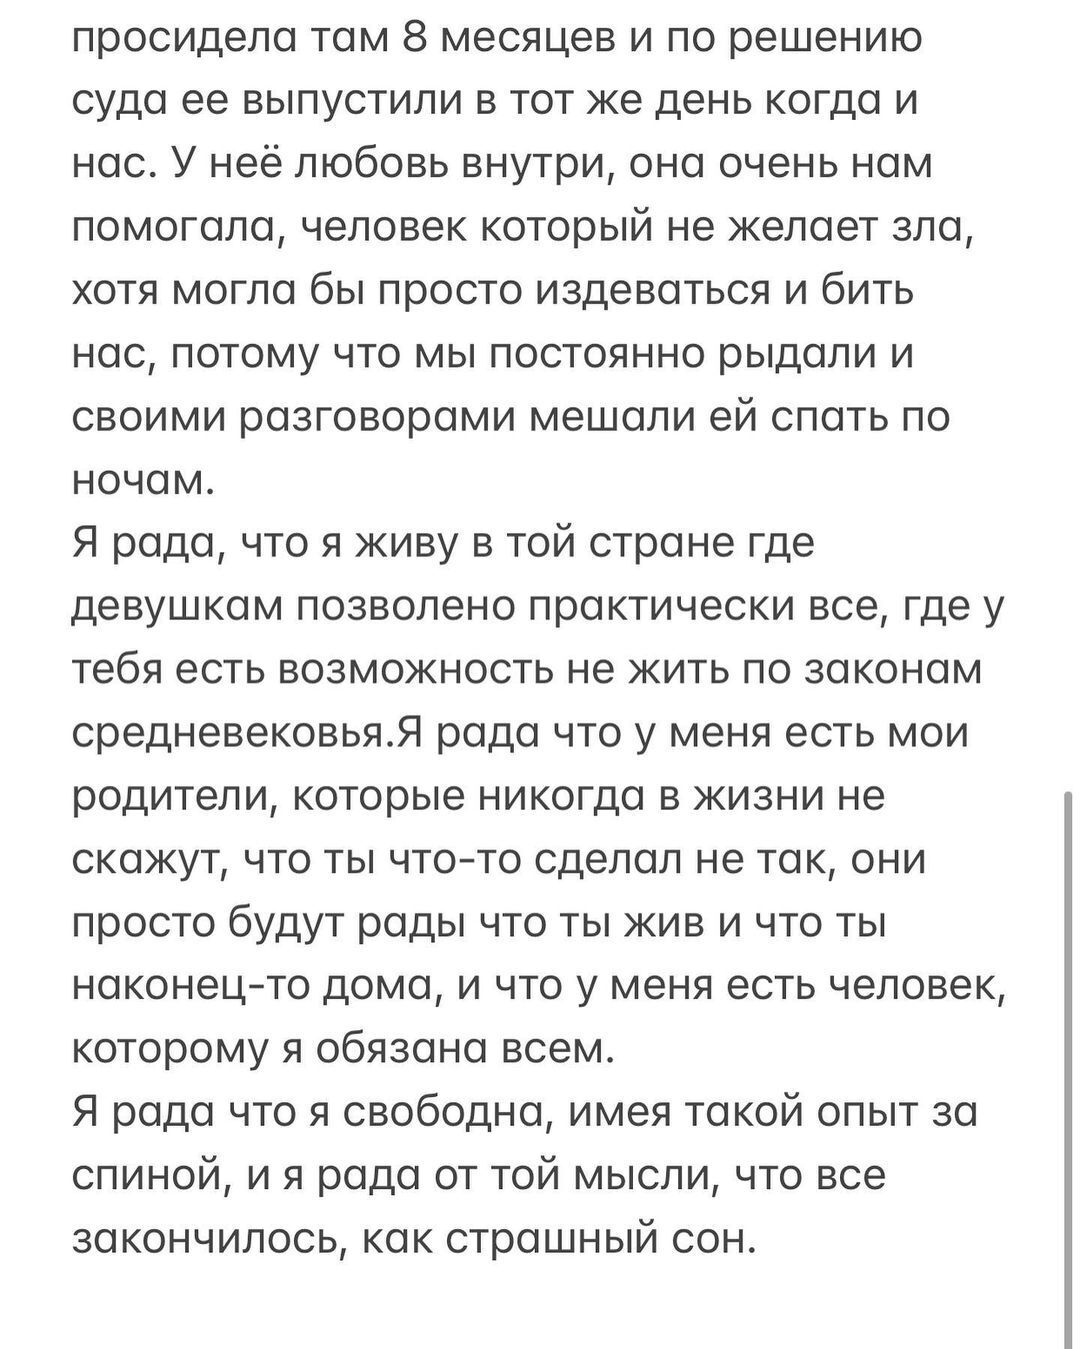 Ільченко рада, що живе в Україні